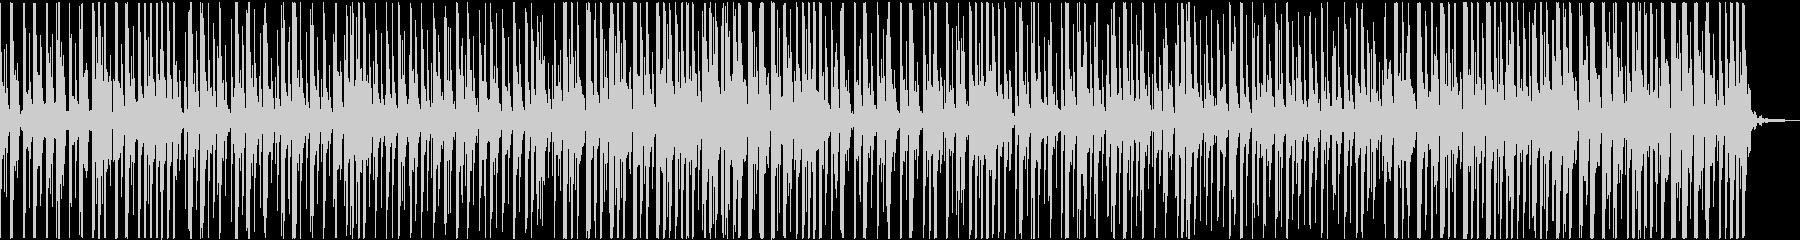 優しいベルの音のポップス。クリスマス用の未再生の波形